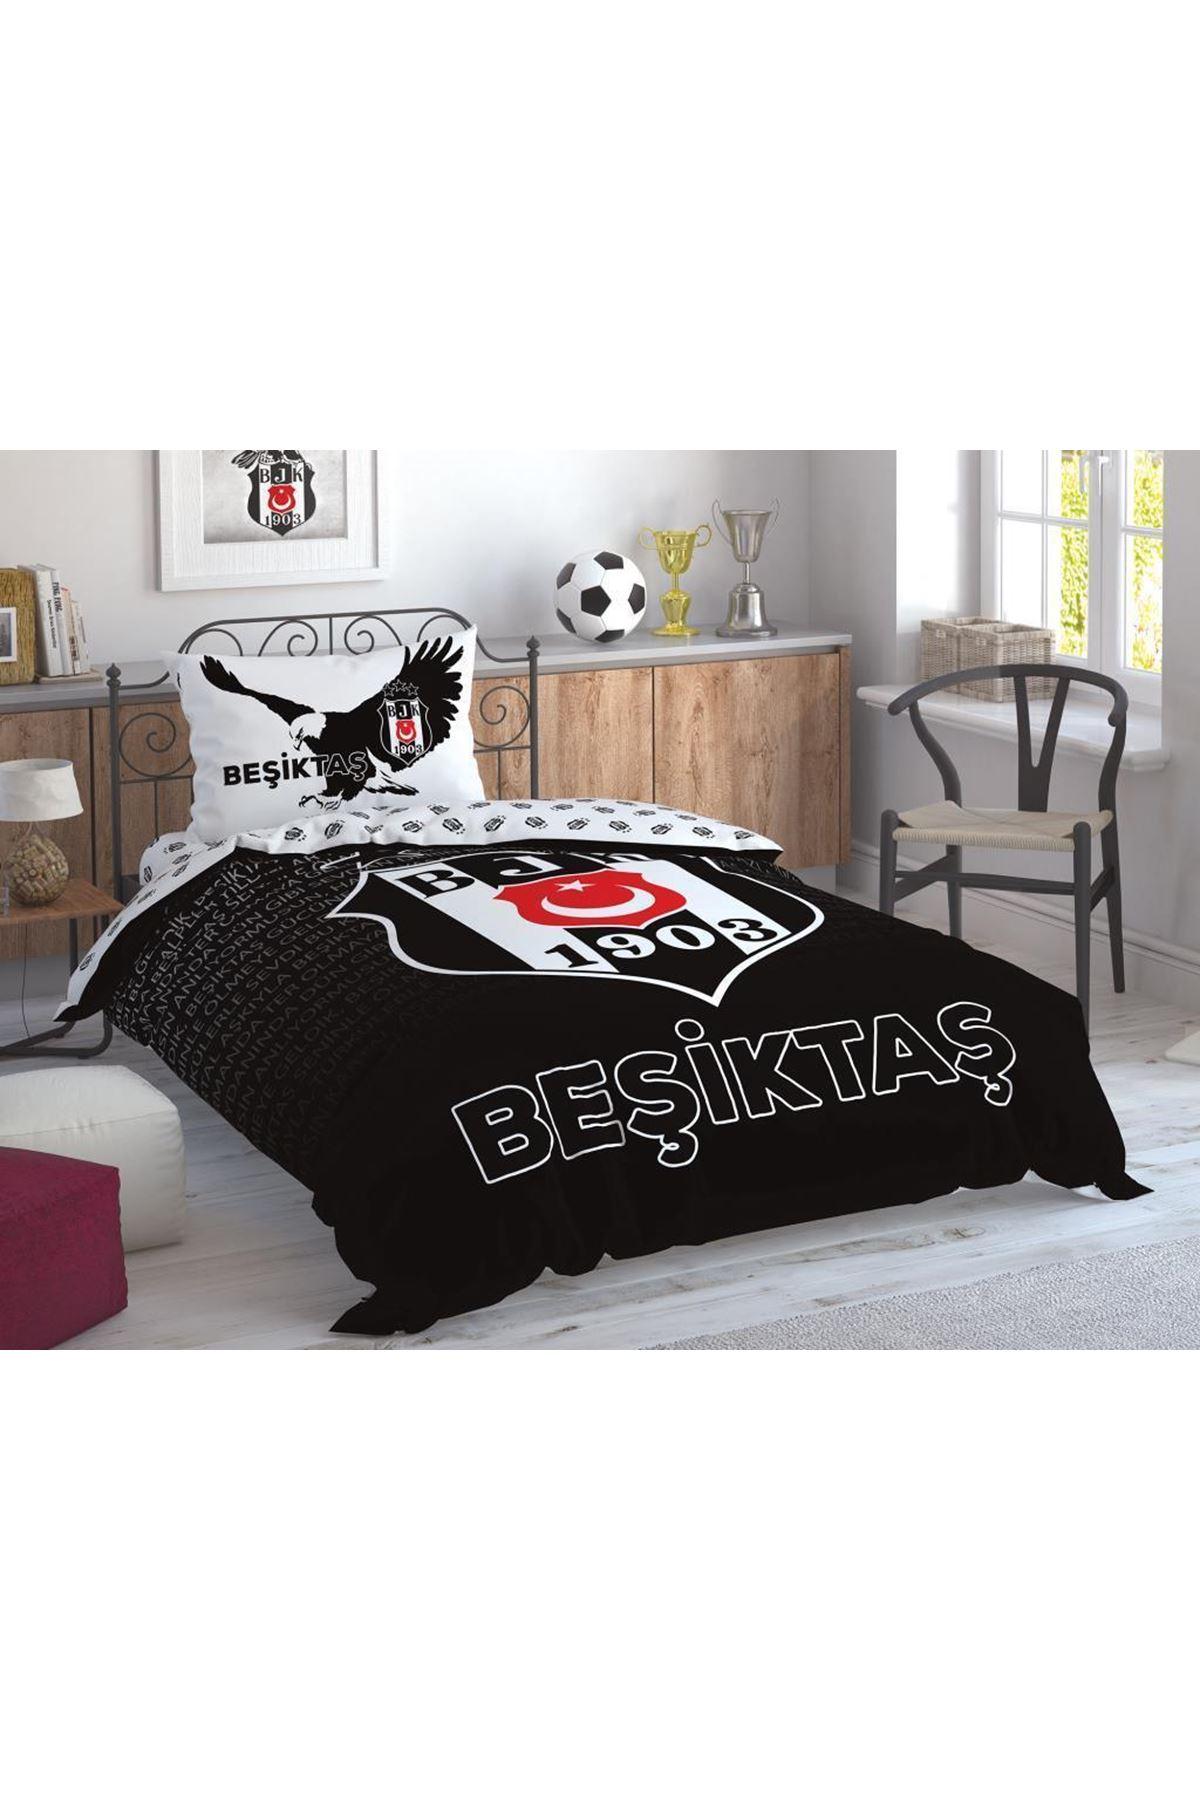 Taç Lisanslı Nevresim Takımı Tek Kişilik Beşiktaş Marşlı Logo